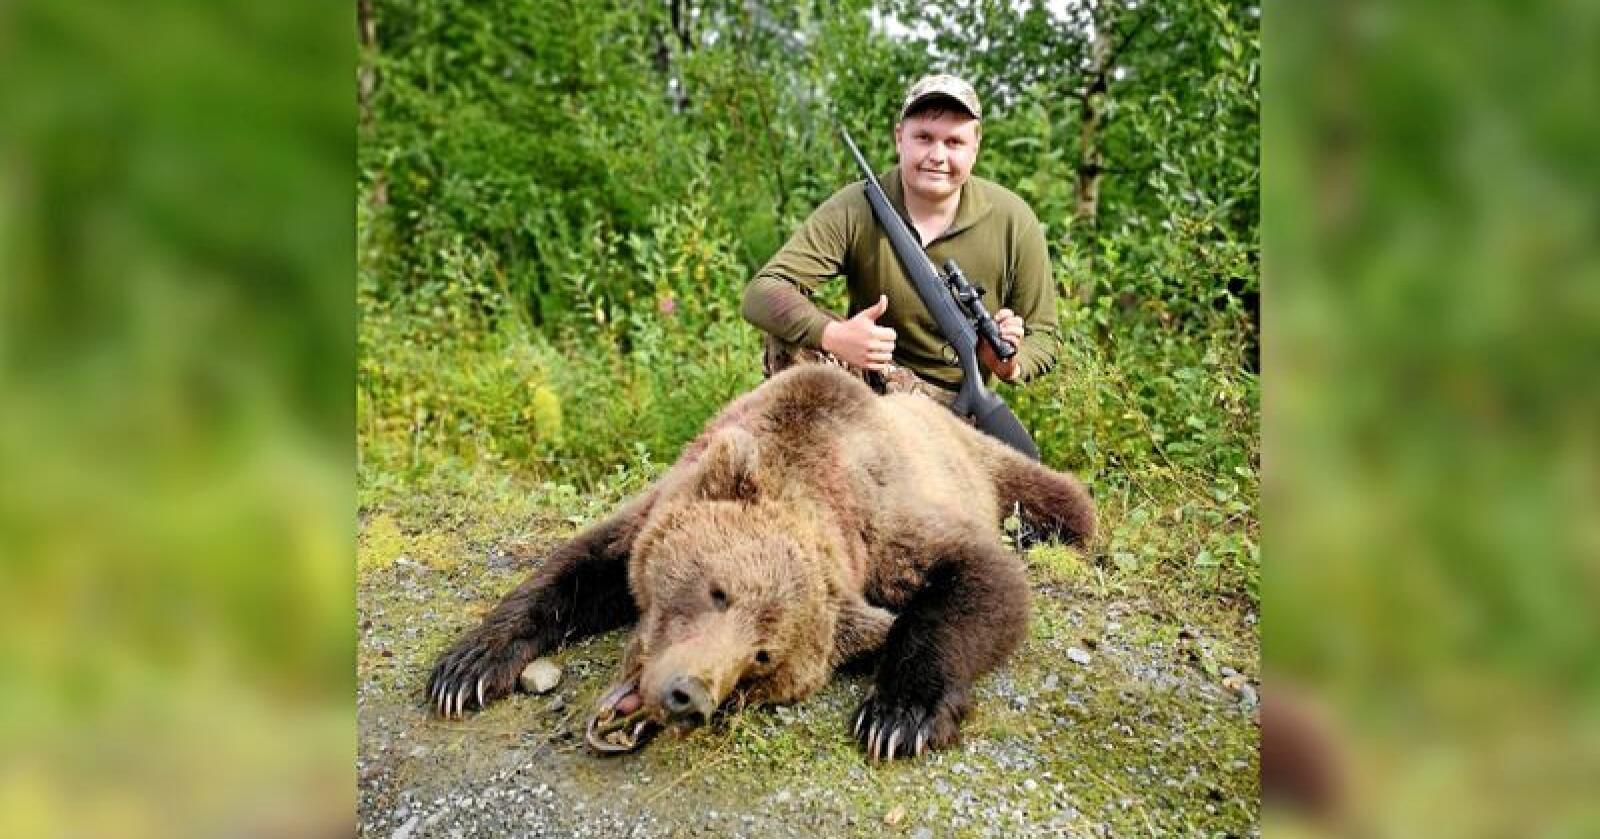 Bjørnen Einar Vingelen skjøt veide 62 kilo. Foto: Privat